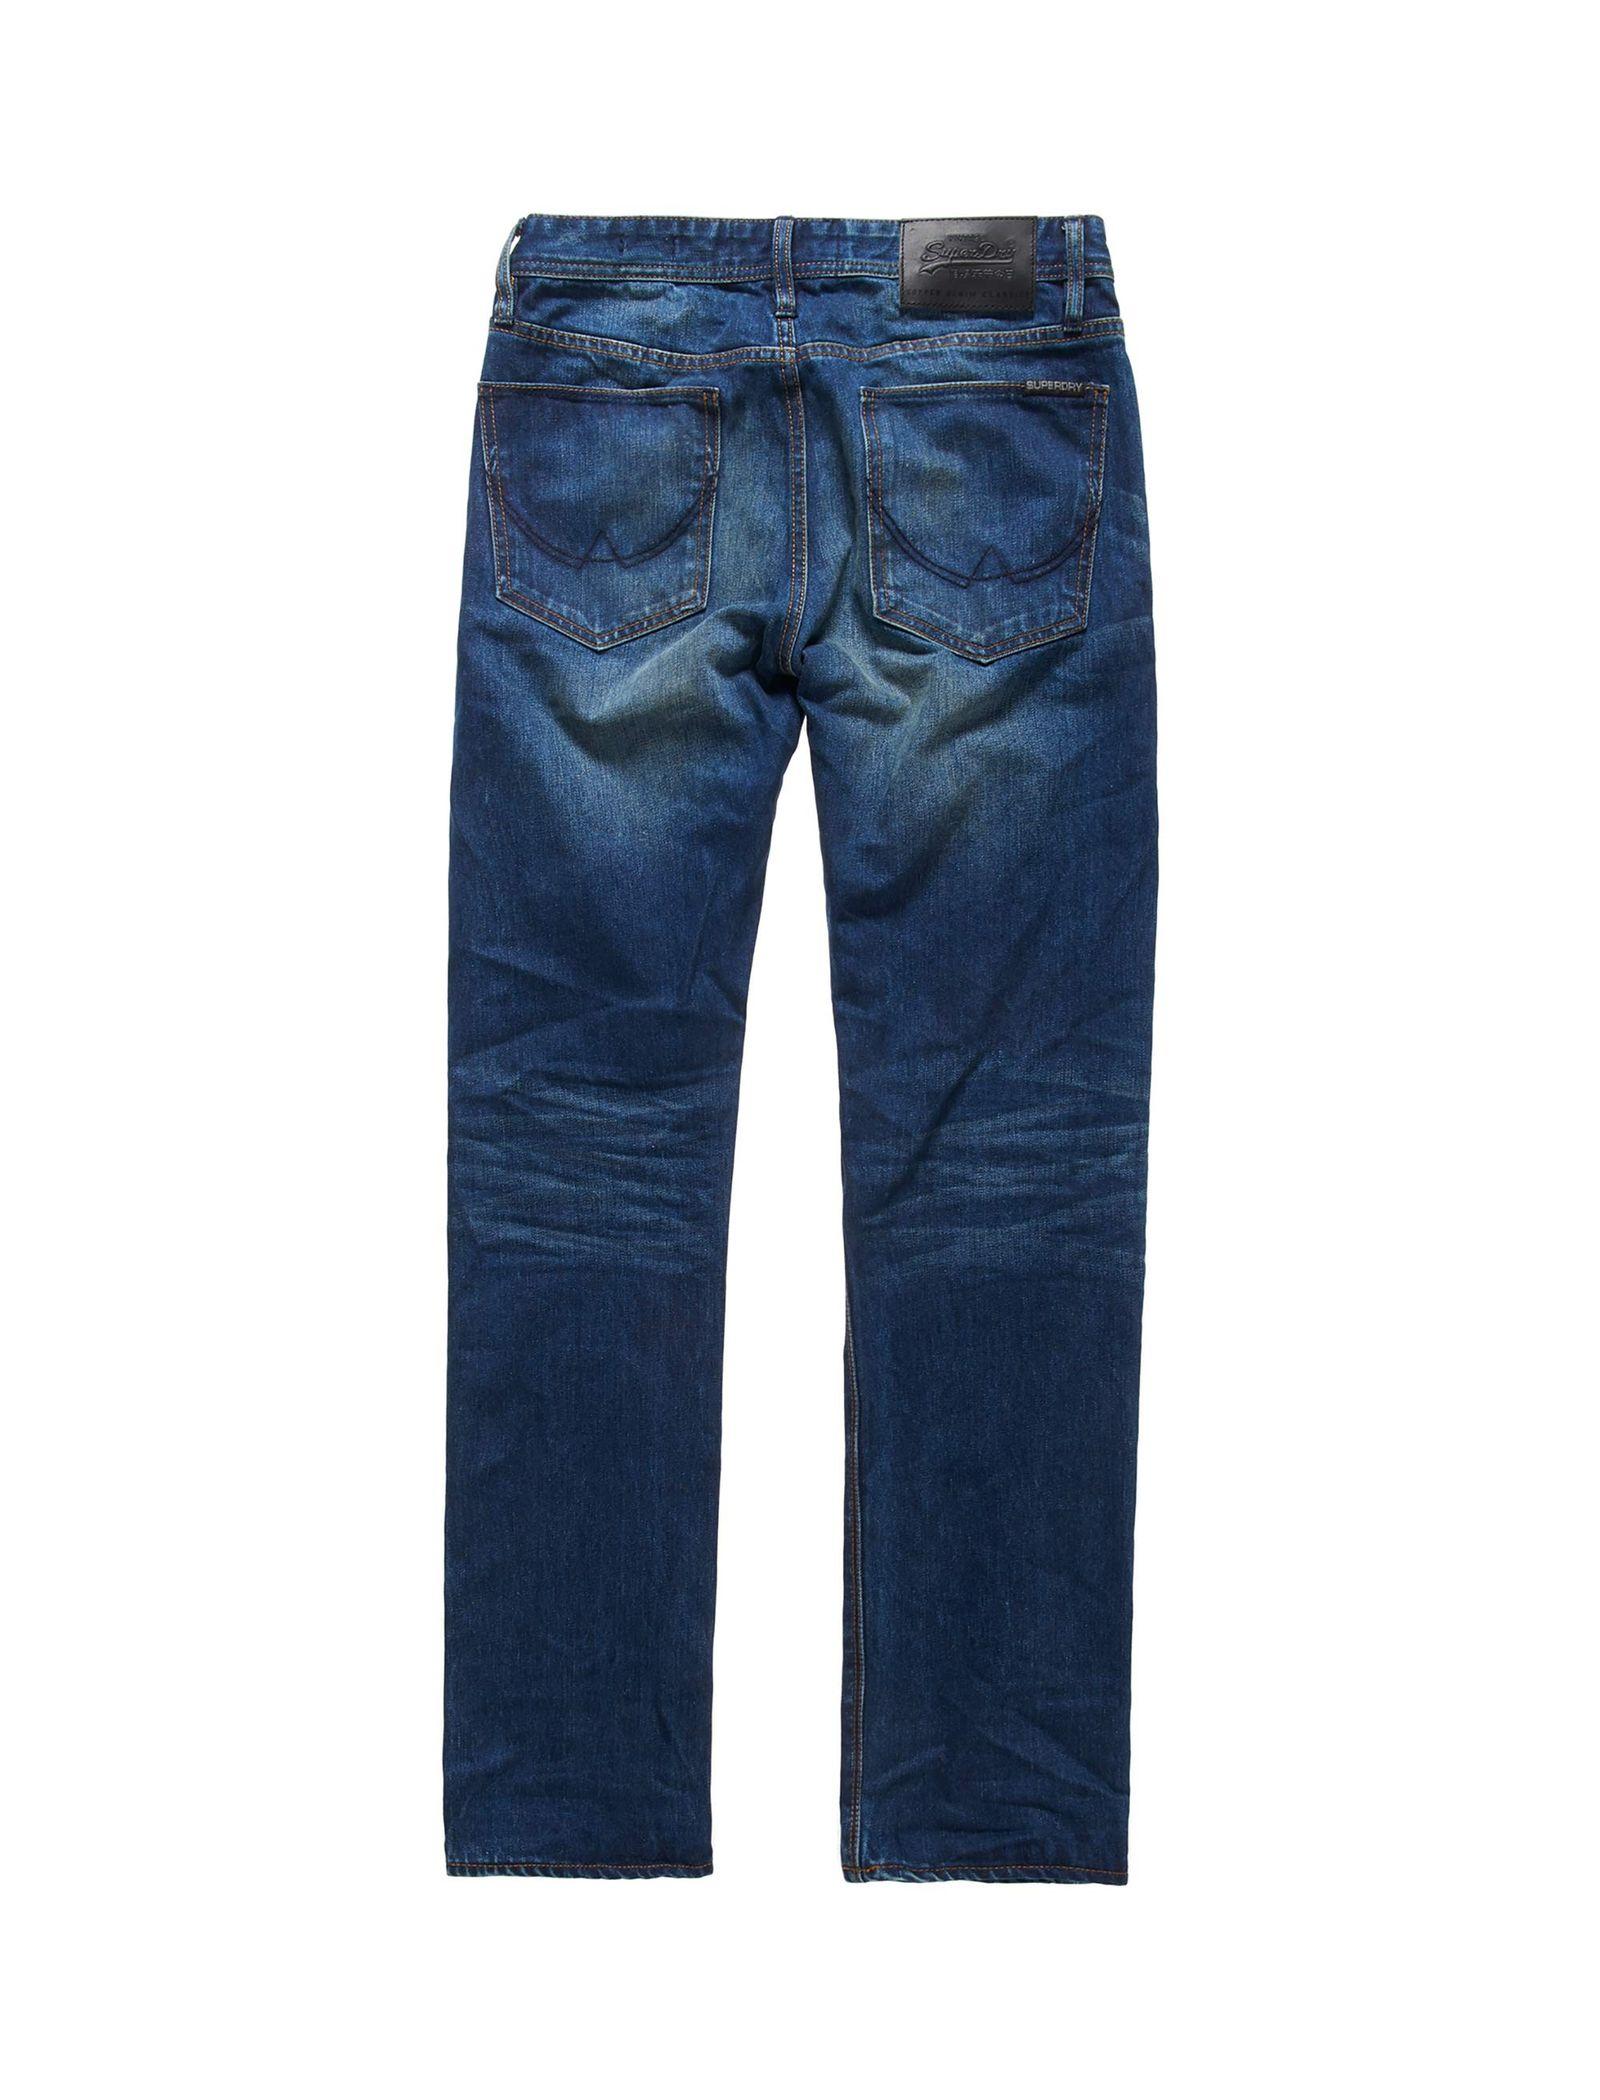 شلوار جین راسته مردانه - سوپردرای - آبي - 5